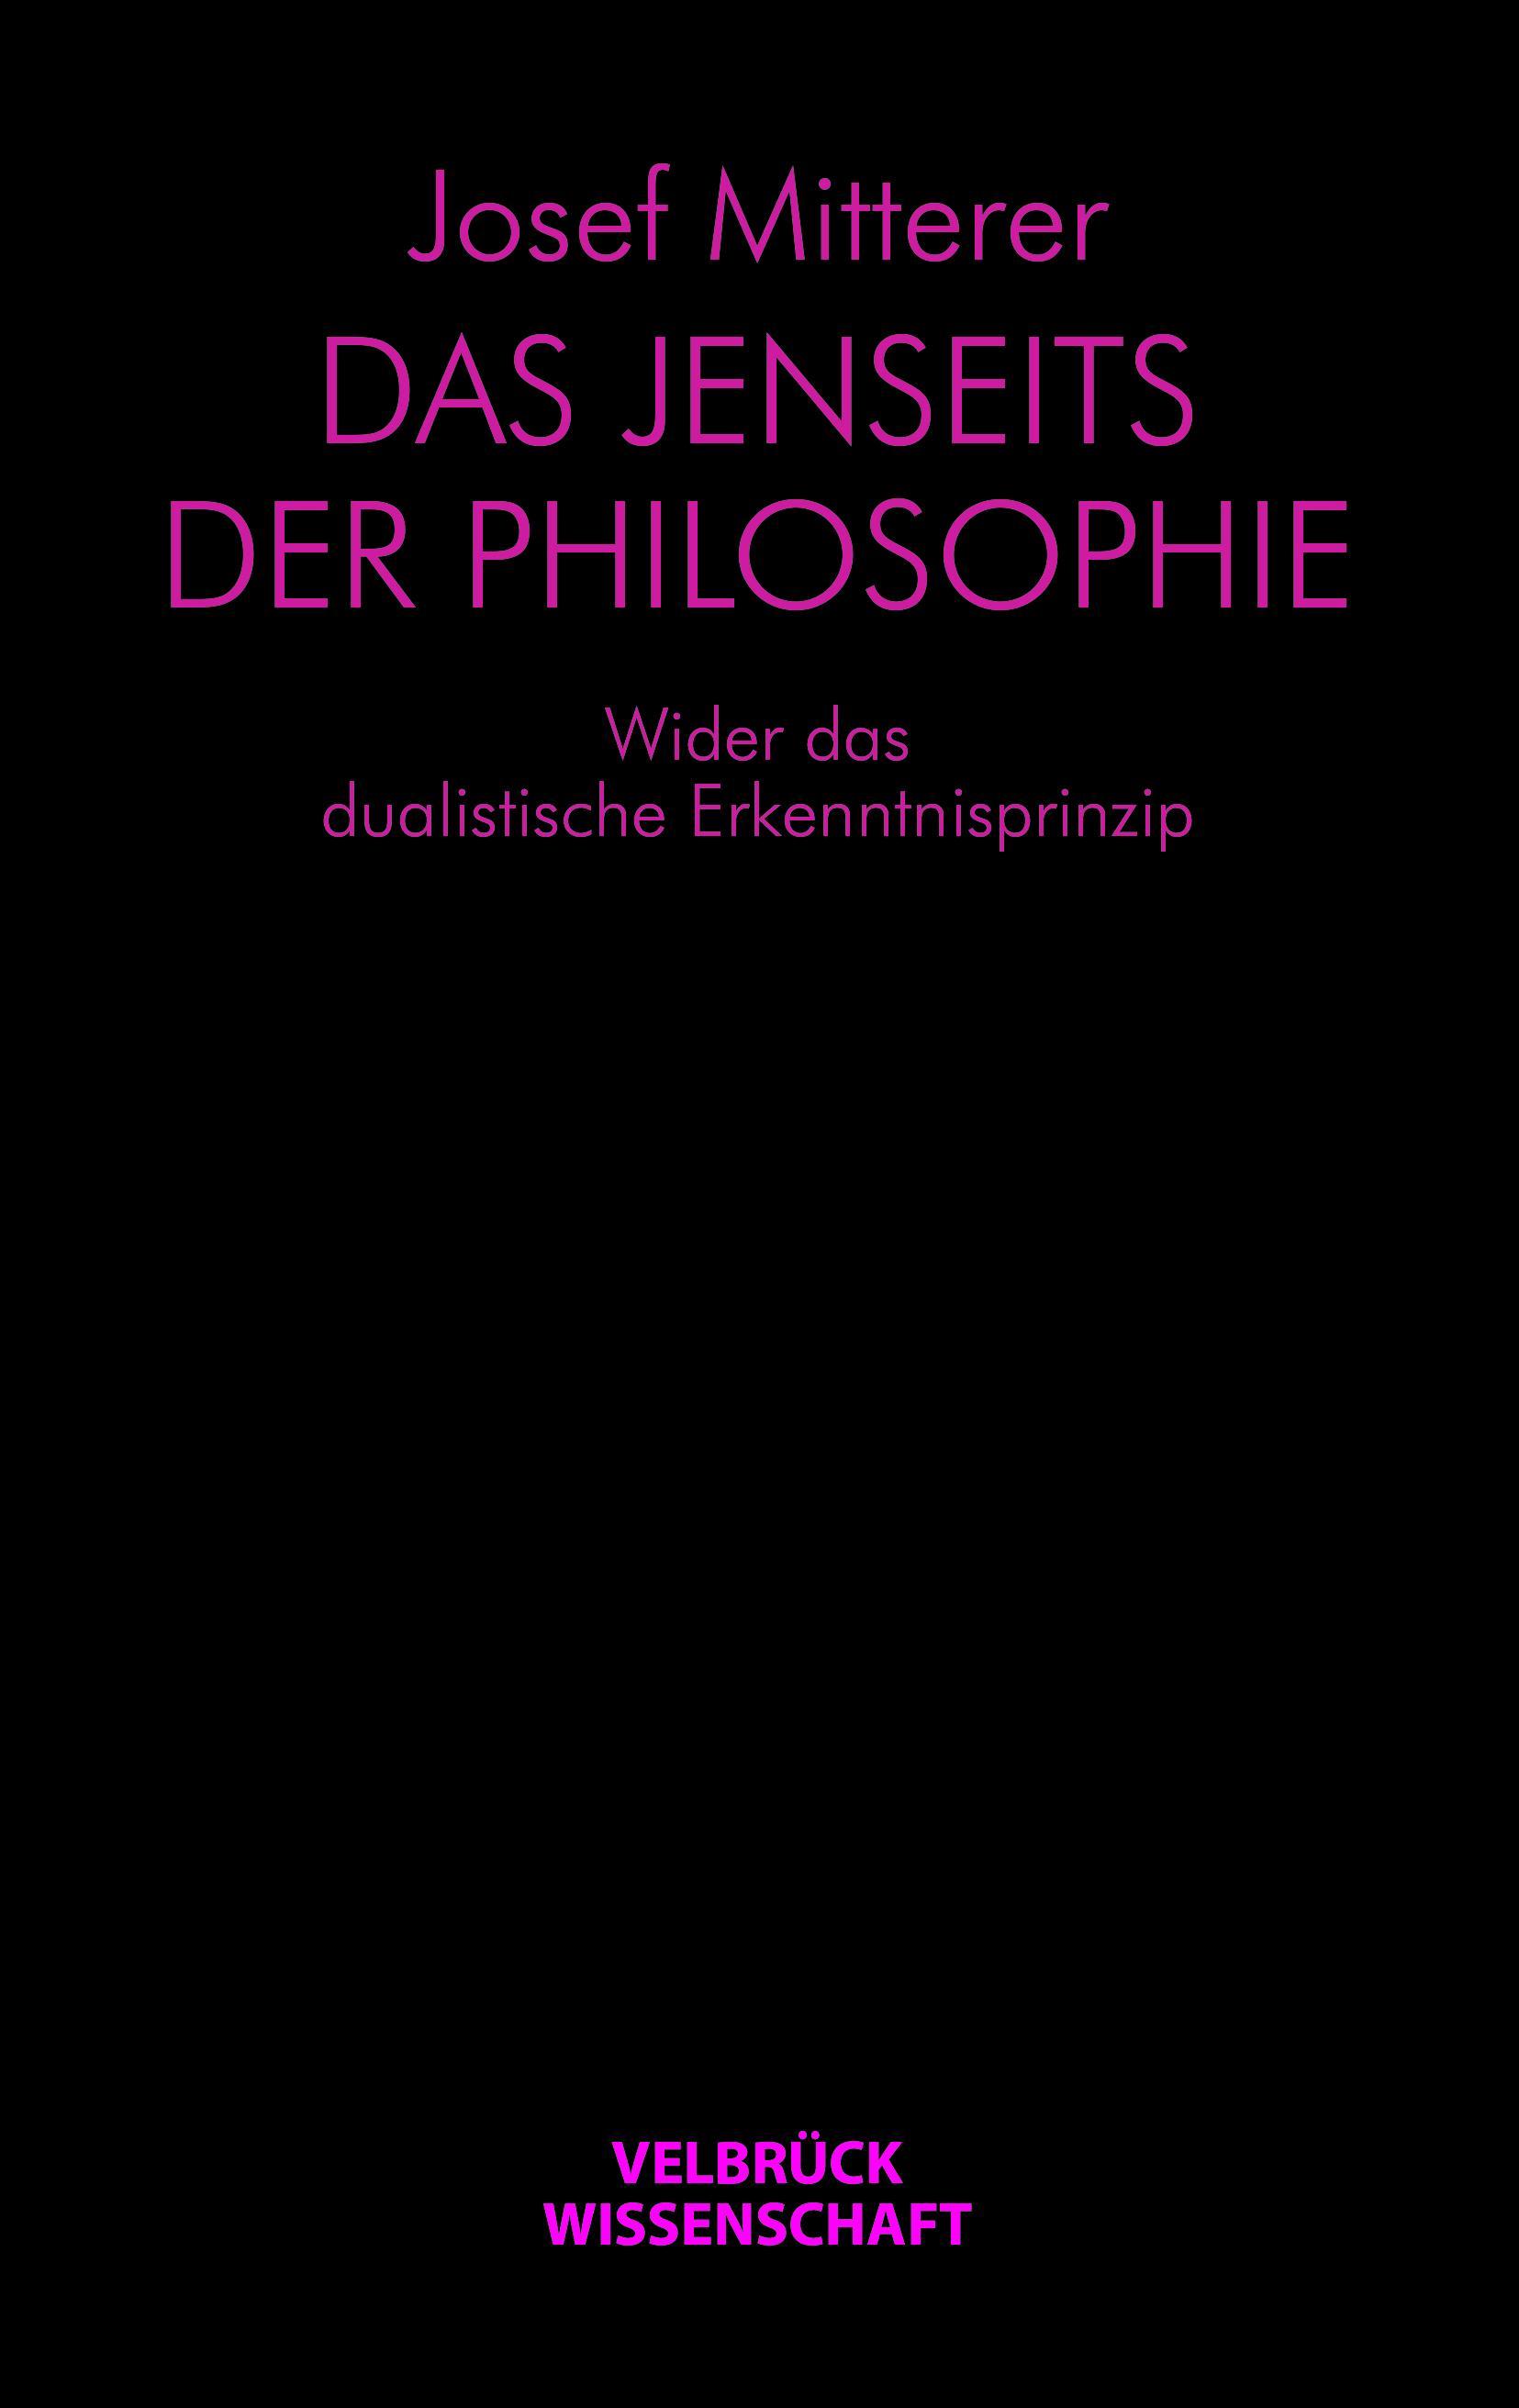 Das Jenseits der Philosophie Josef Mitterer